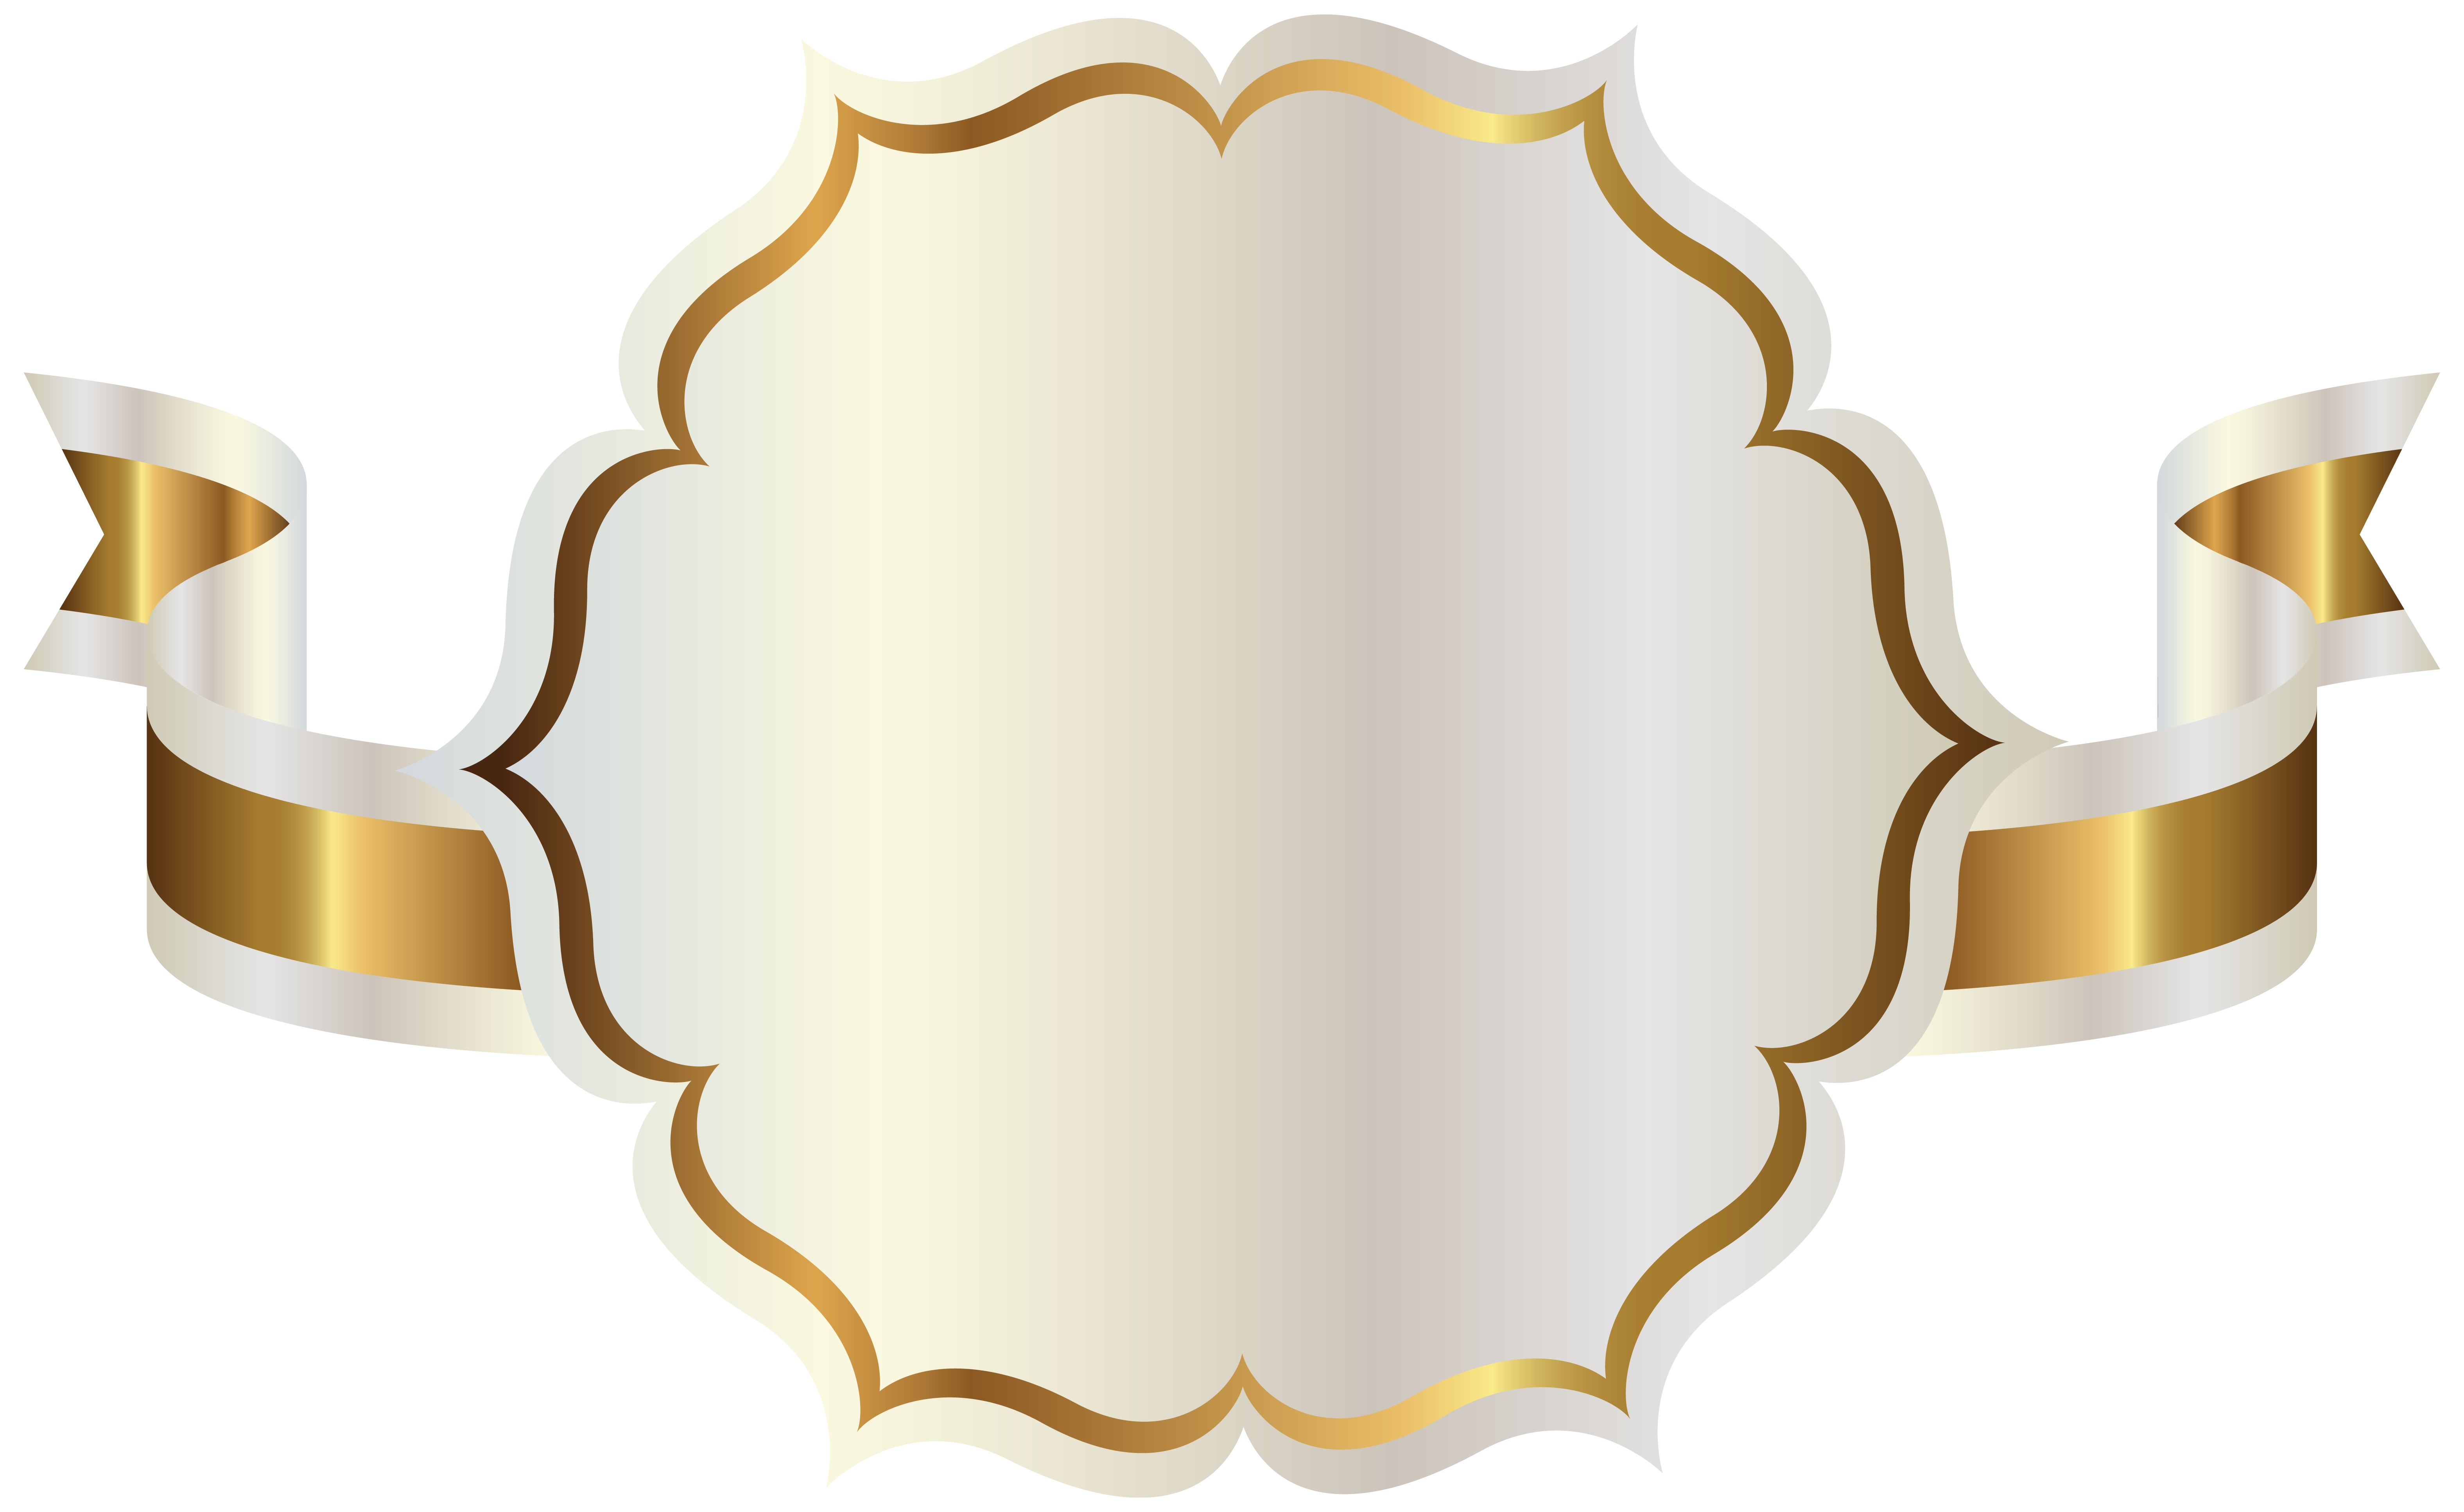 White Label With Gold Ribbon Png Clipart Png 6302 3868 Etiquetas Em Branco Molduras Douradas Cartoes Decorados